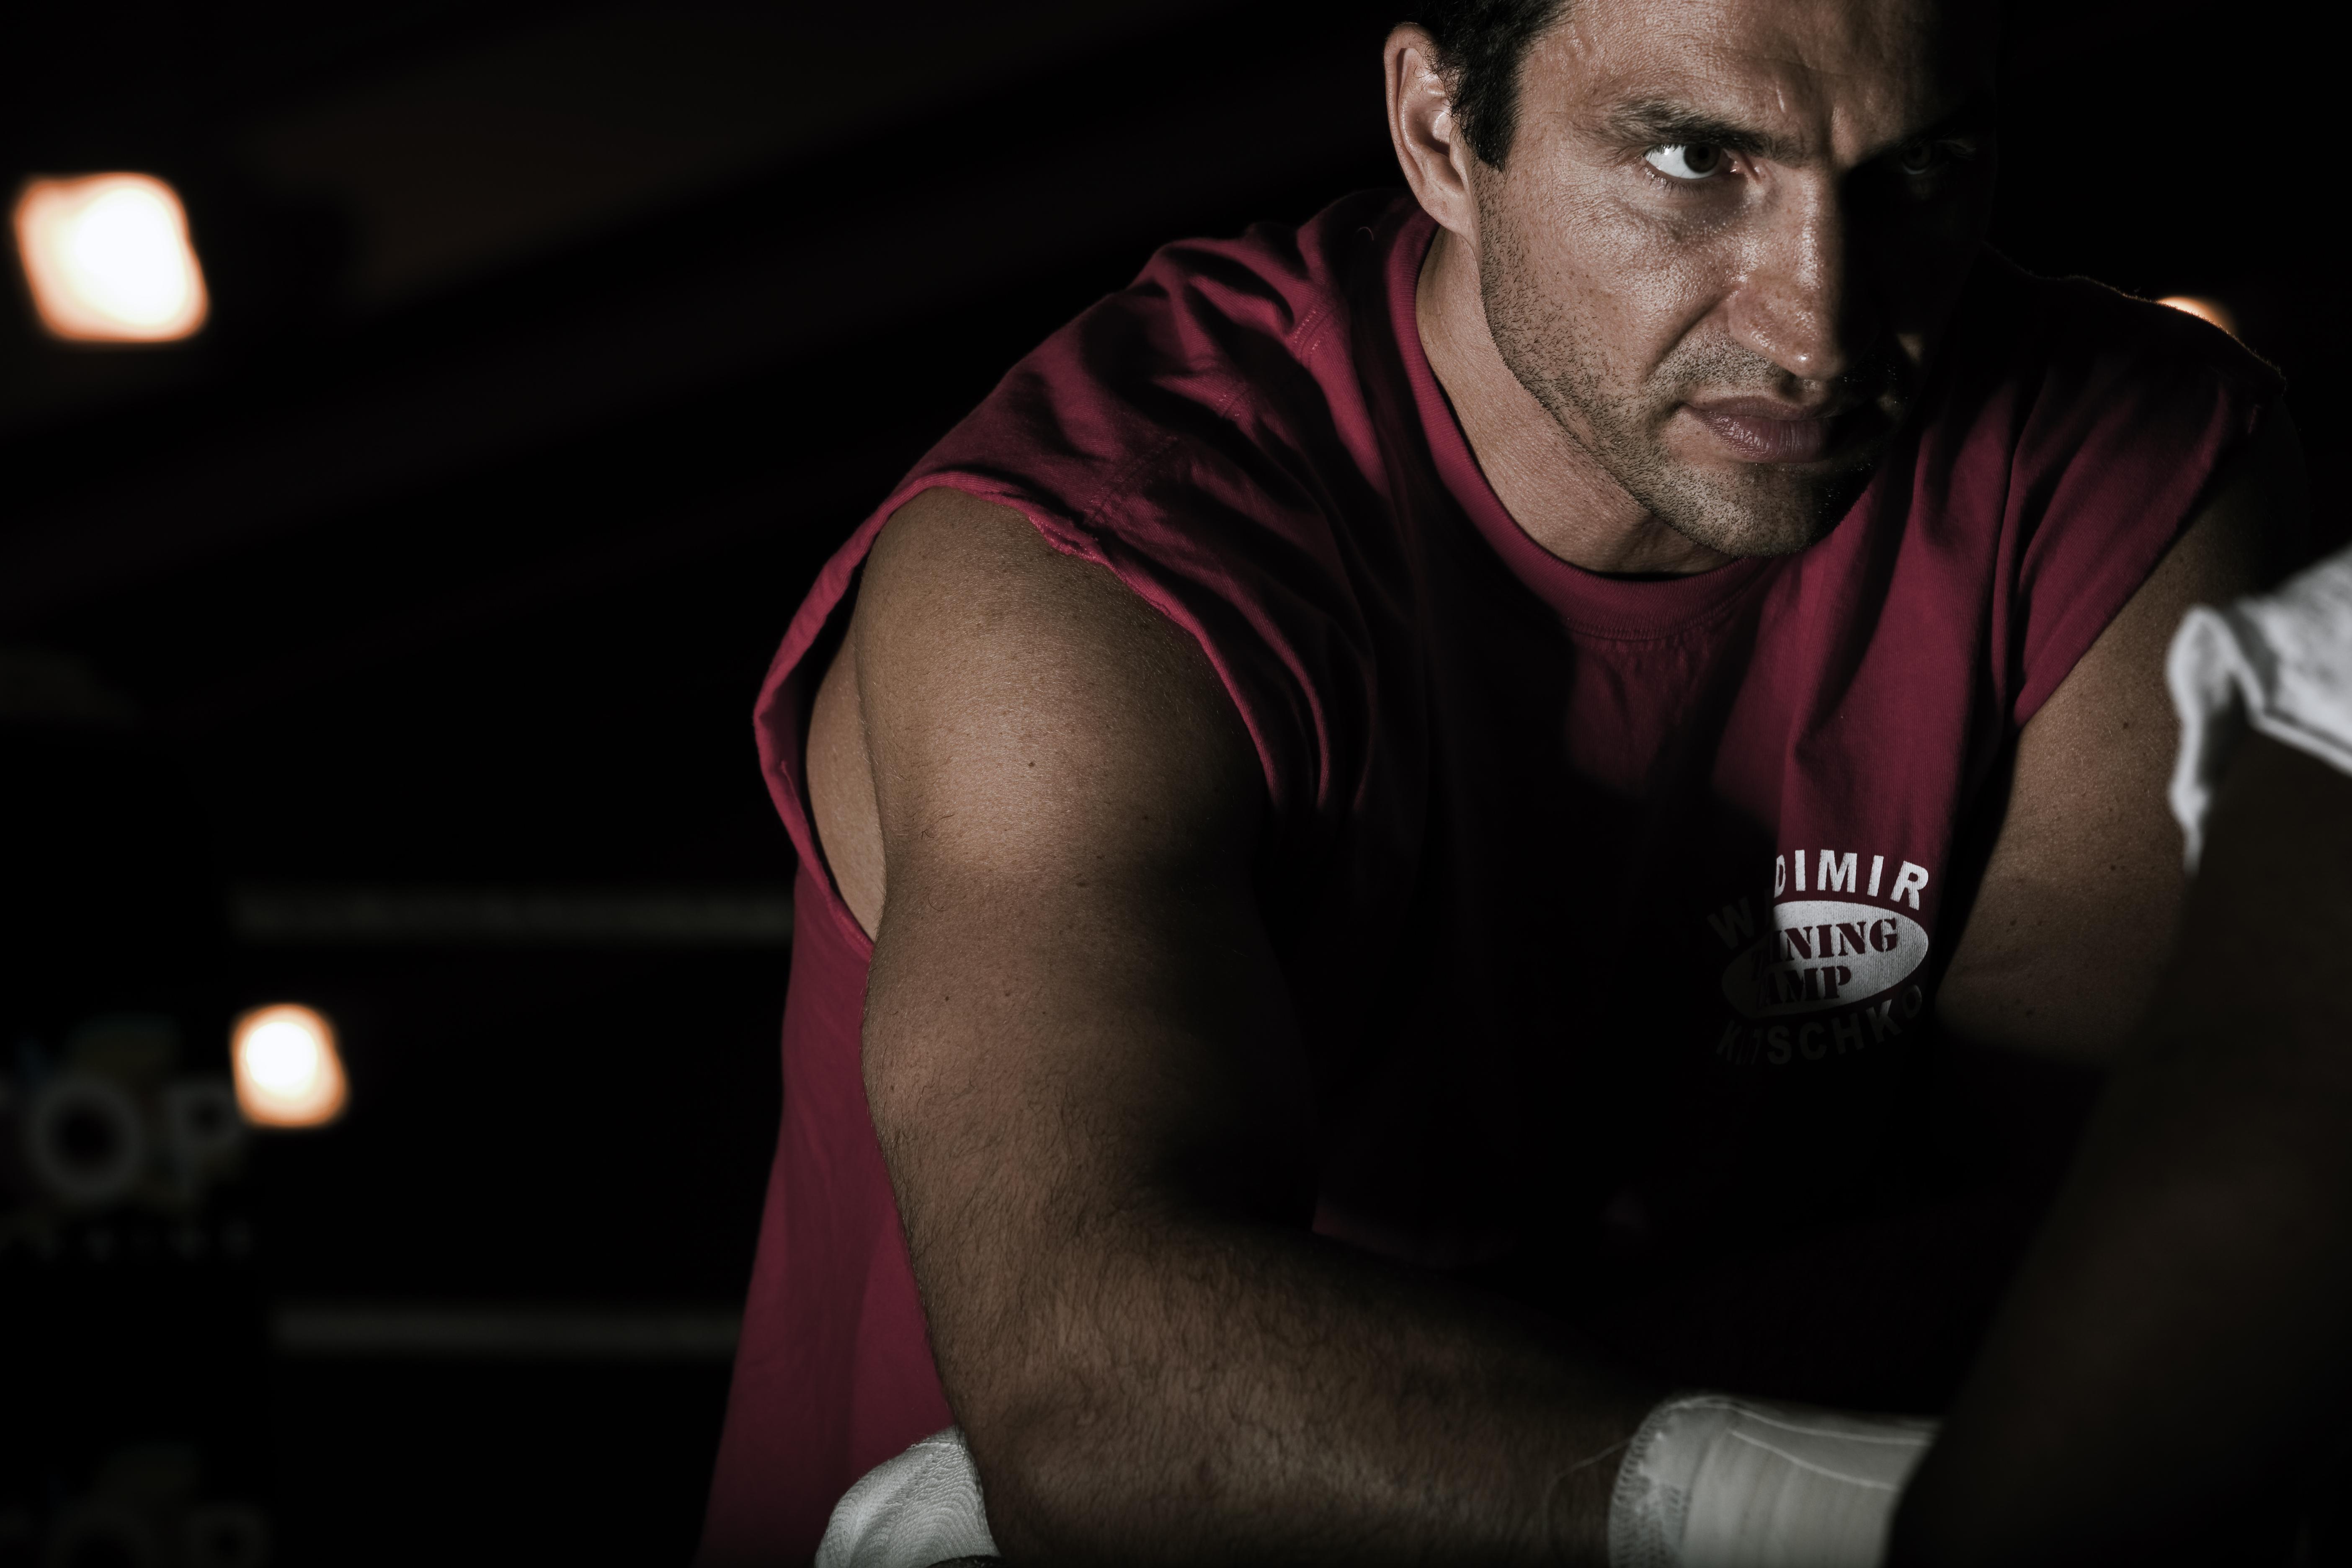 Як Володимир Кличко косив від тренувань. Маловідомі факти з життя чемпіона